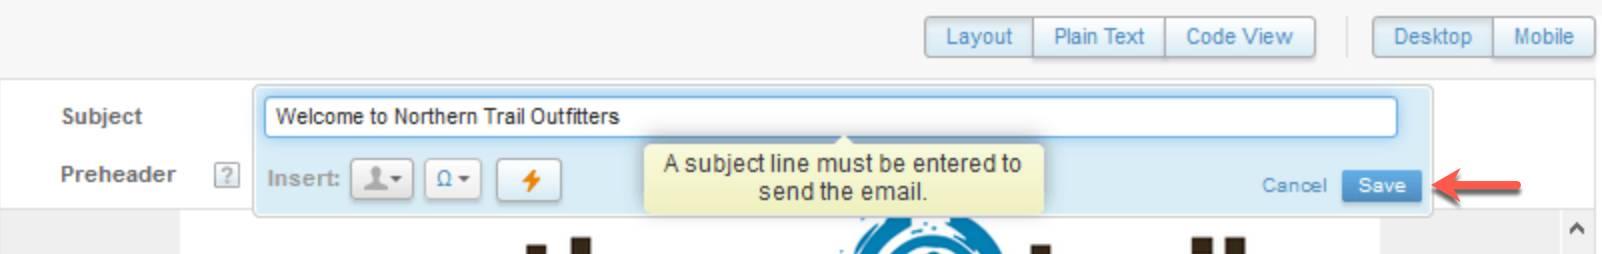 Captura de tela mostrando uma seta vermelha apontando para o botão Salvar no canto inferior direito da caixa de linha de assunto.